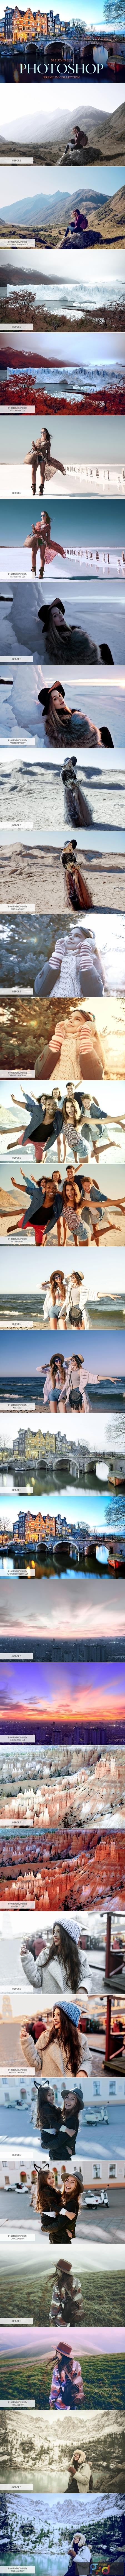 Photoshop LUTs 4165362 1